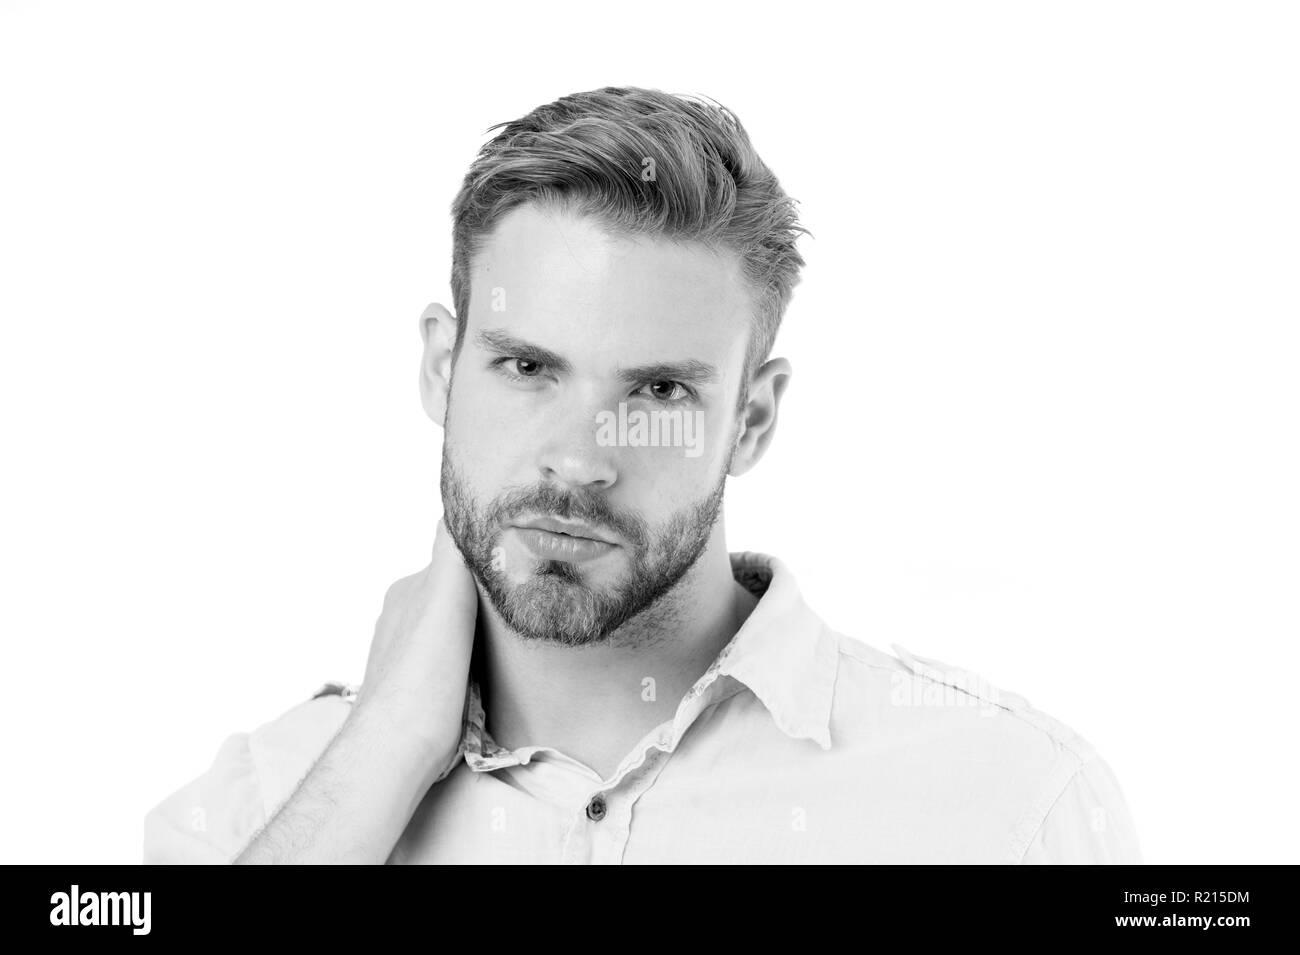 El dolor de cuello ocasiona síntomas y diagnóstico. Hombre serio toca fondo blanco en el cuello. Cómo dar un buen masaje en el cuello. ¿Por qué mi cuello herido. Al preocuparse por el dolor. Foto de stock